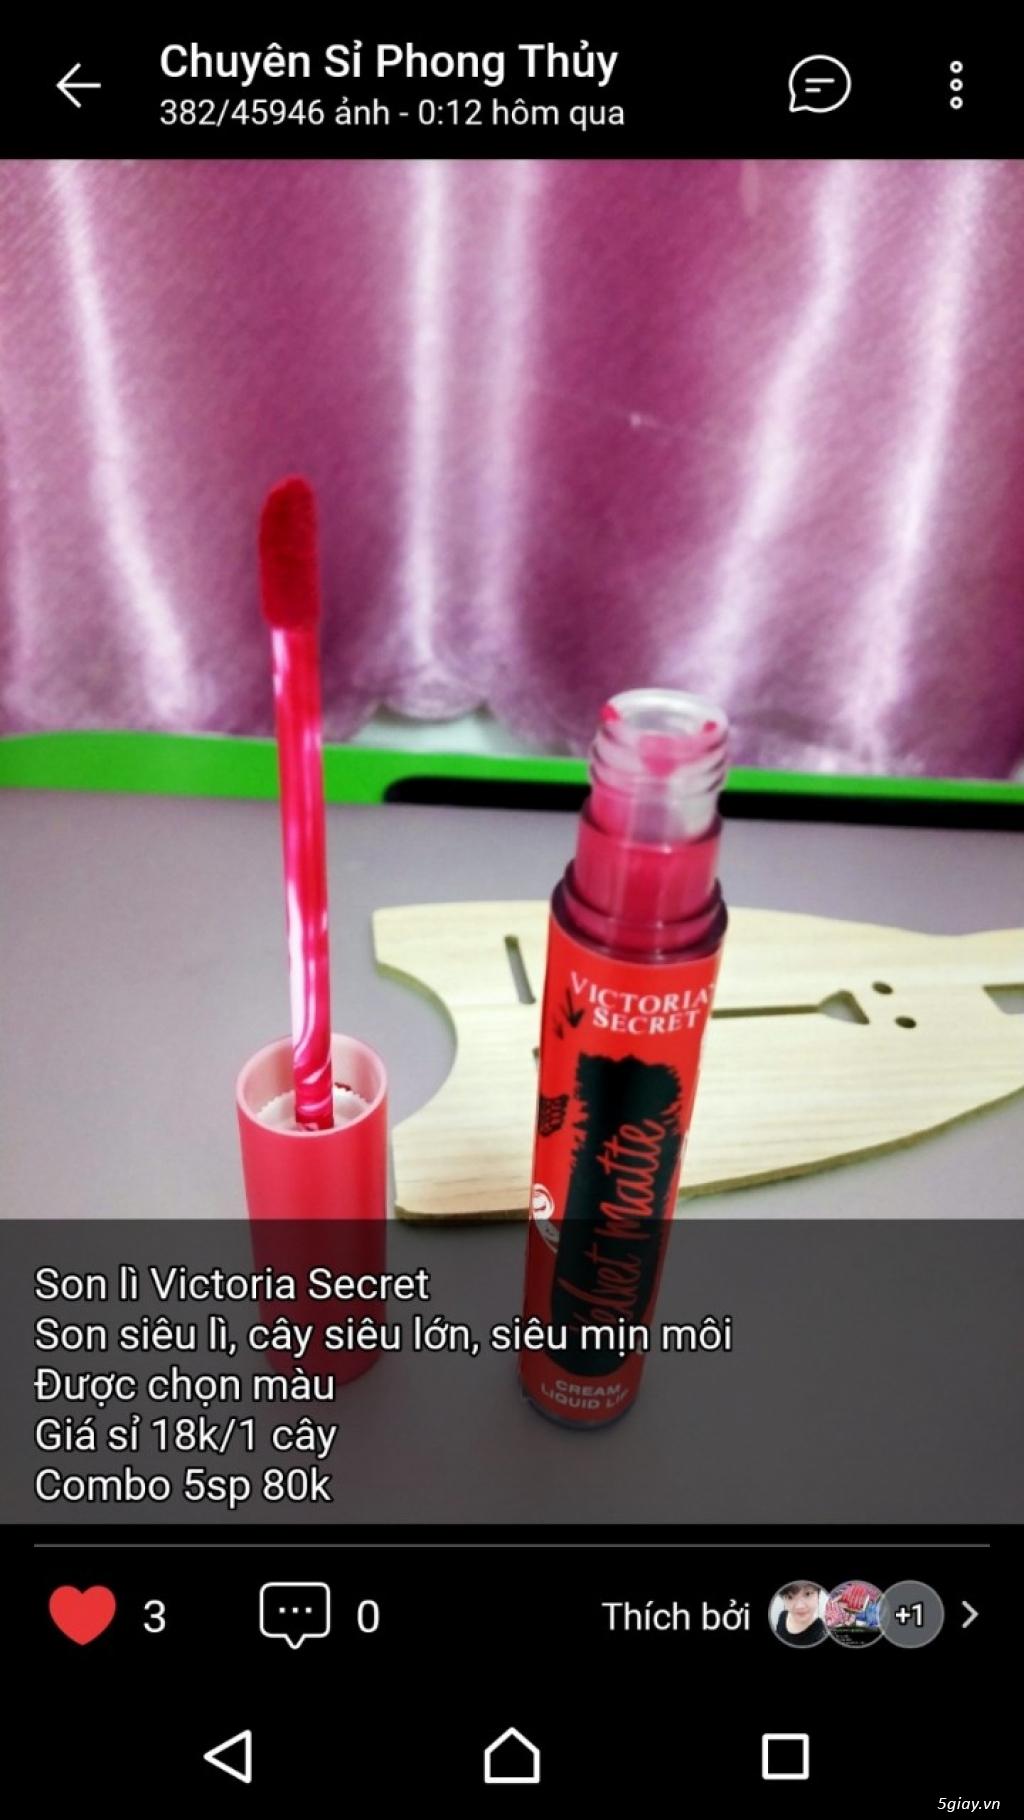 Shop sỉ mỹ phẩm, son môi, nước hoa, son thỏi, son kem, son xăm - 30